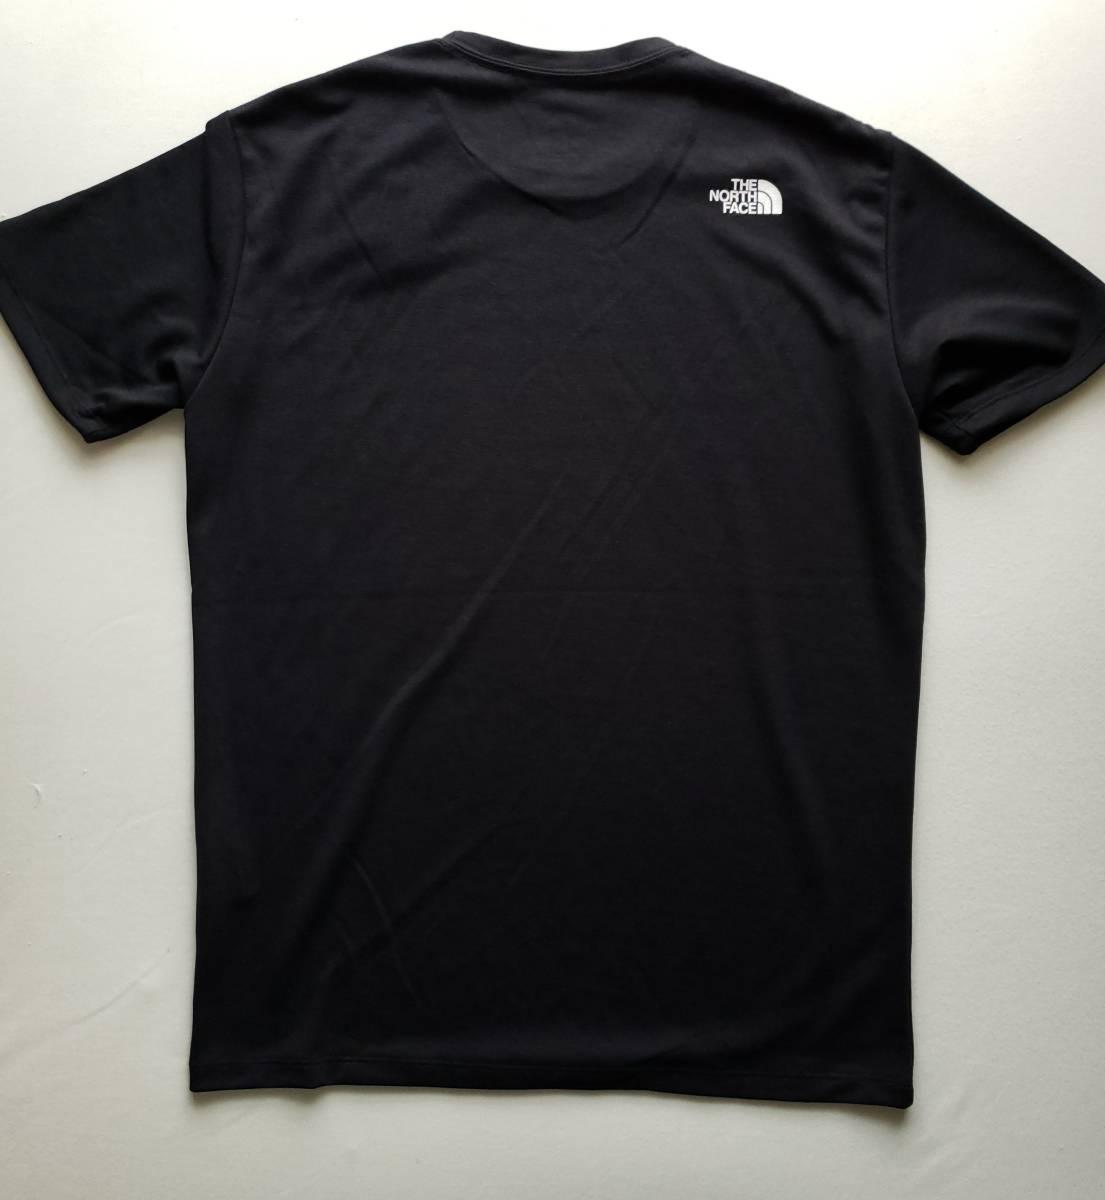 新品 国内正規品 ザ ノース フェイス THE NORTH FACE メンズ トレッキング 半袖Tシャツ SQUARE LOGO TEE ブラック  Lサイズ_画像3